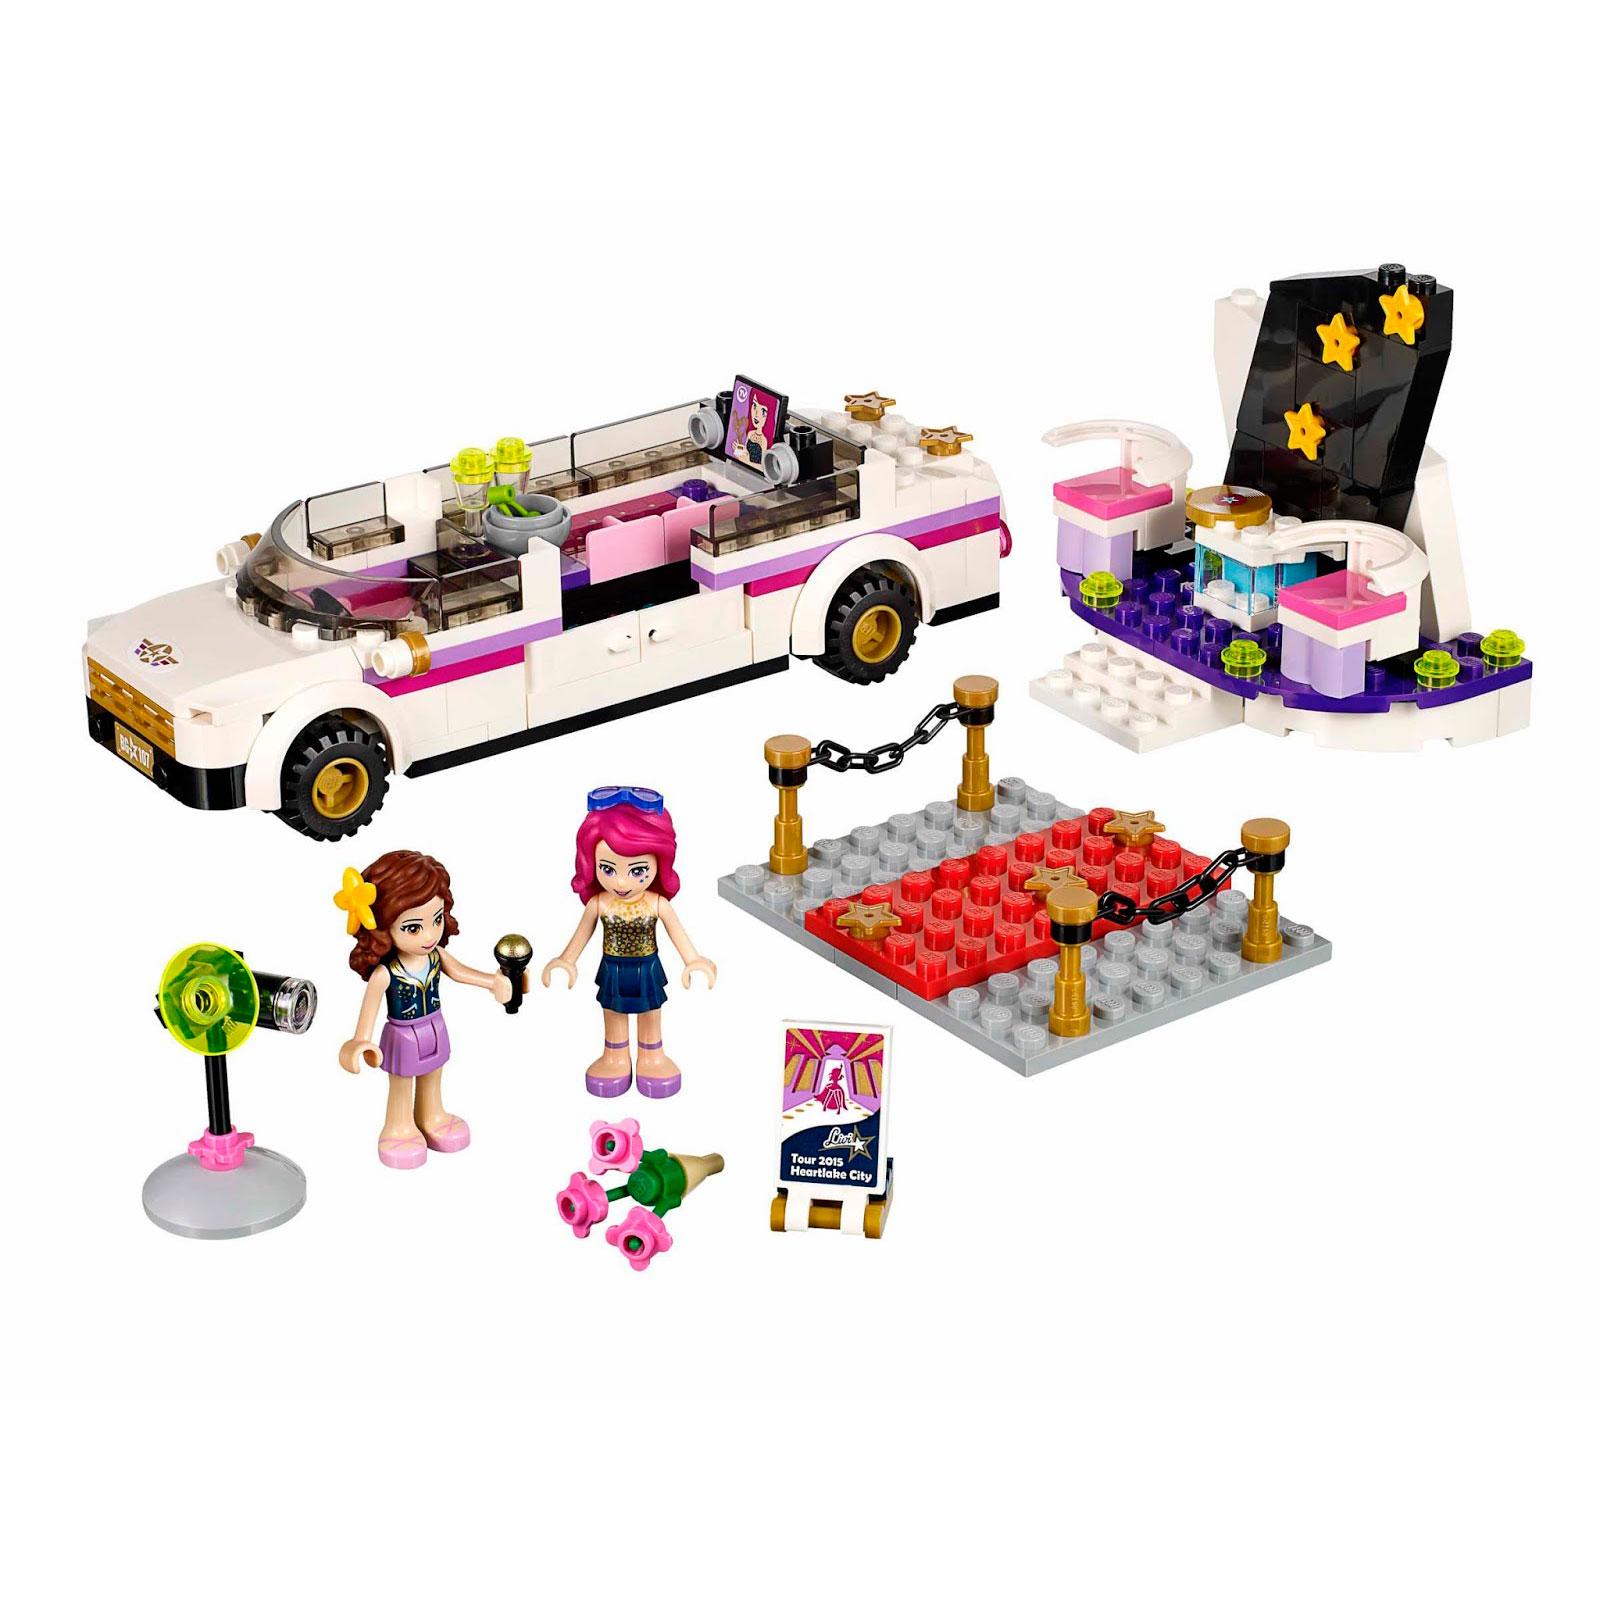 Конструктор LEGO Friends 41107 Поп звезда: лимузин<br>